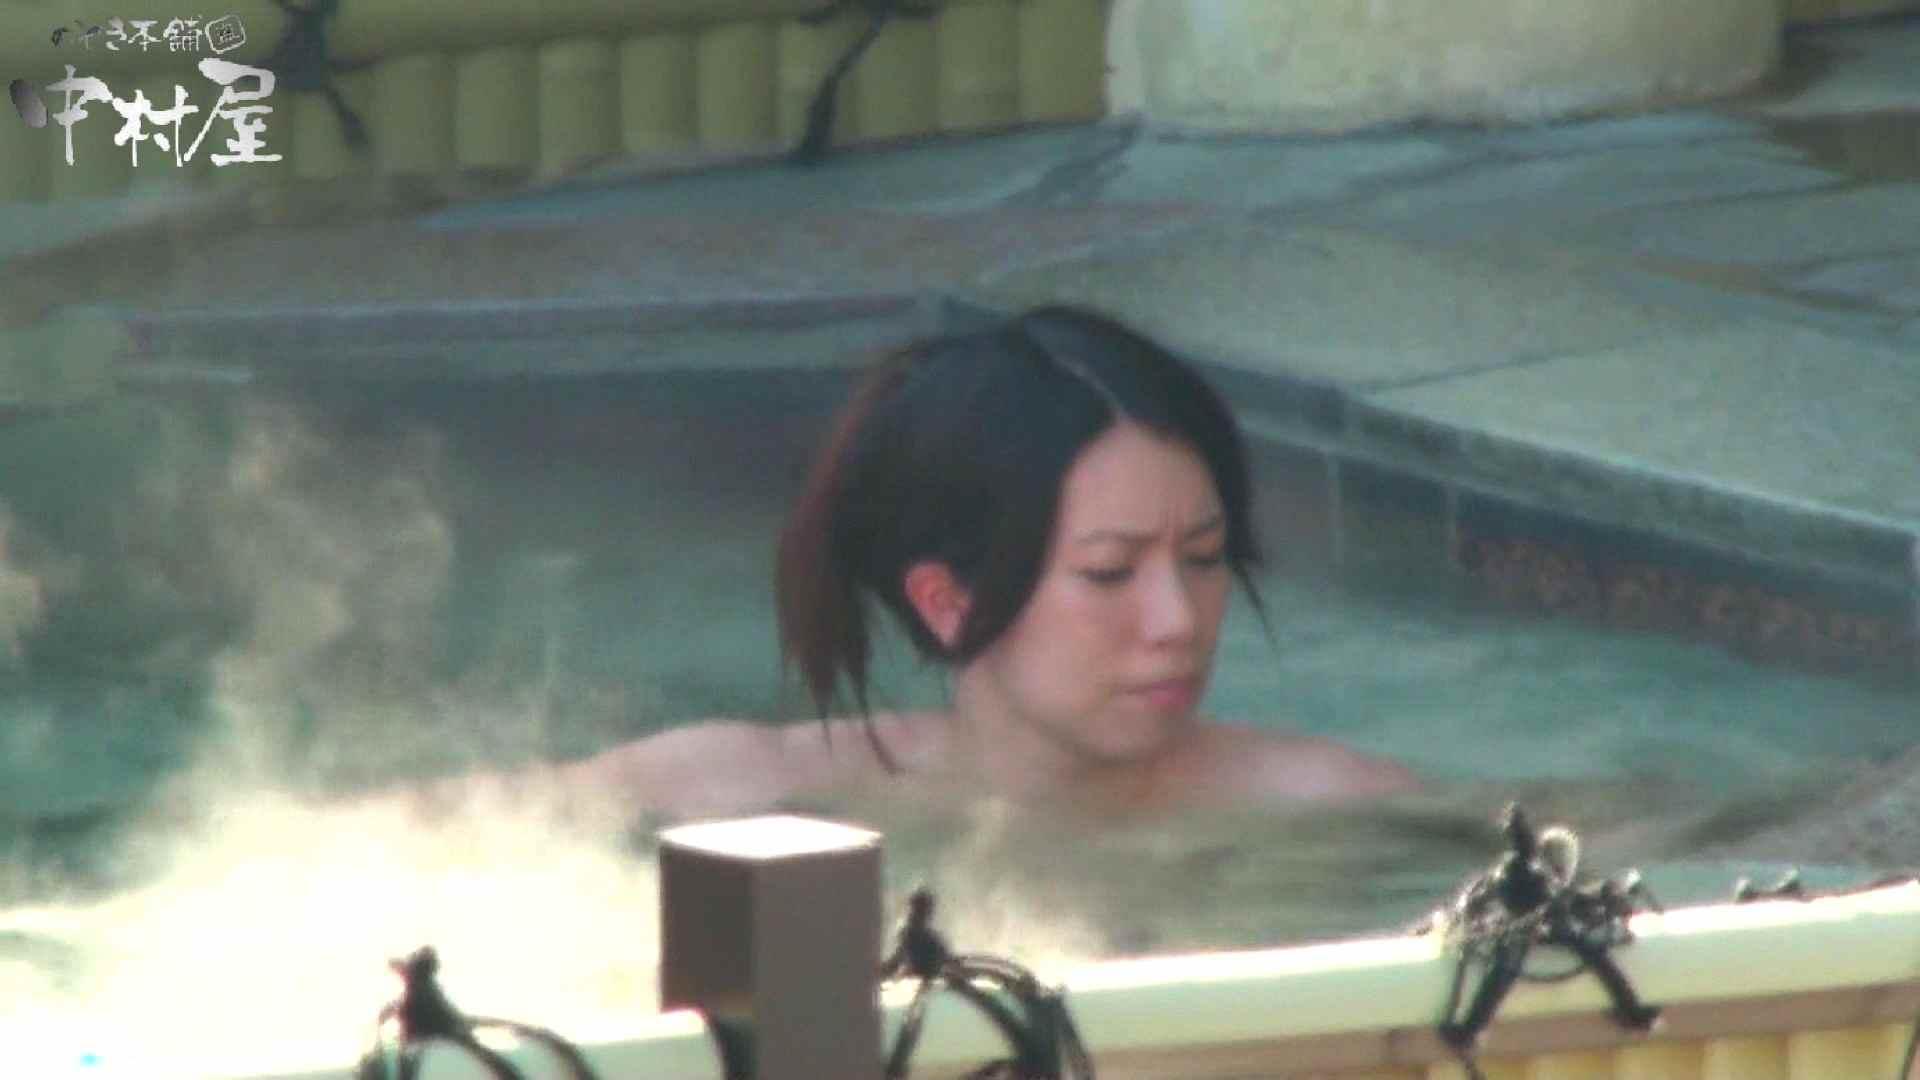 Aquaな露天風呂Vol.919 綺麗なOLたち おまんこ無修正動画無料 65枚 41